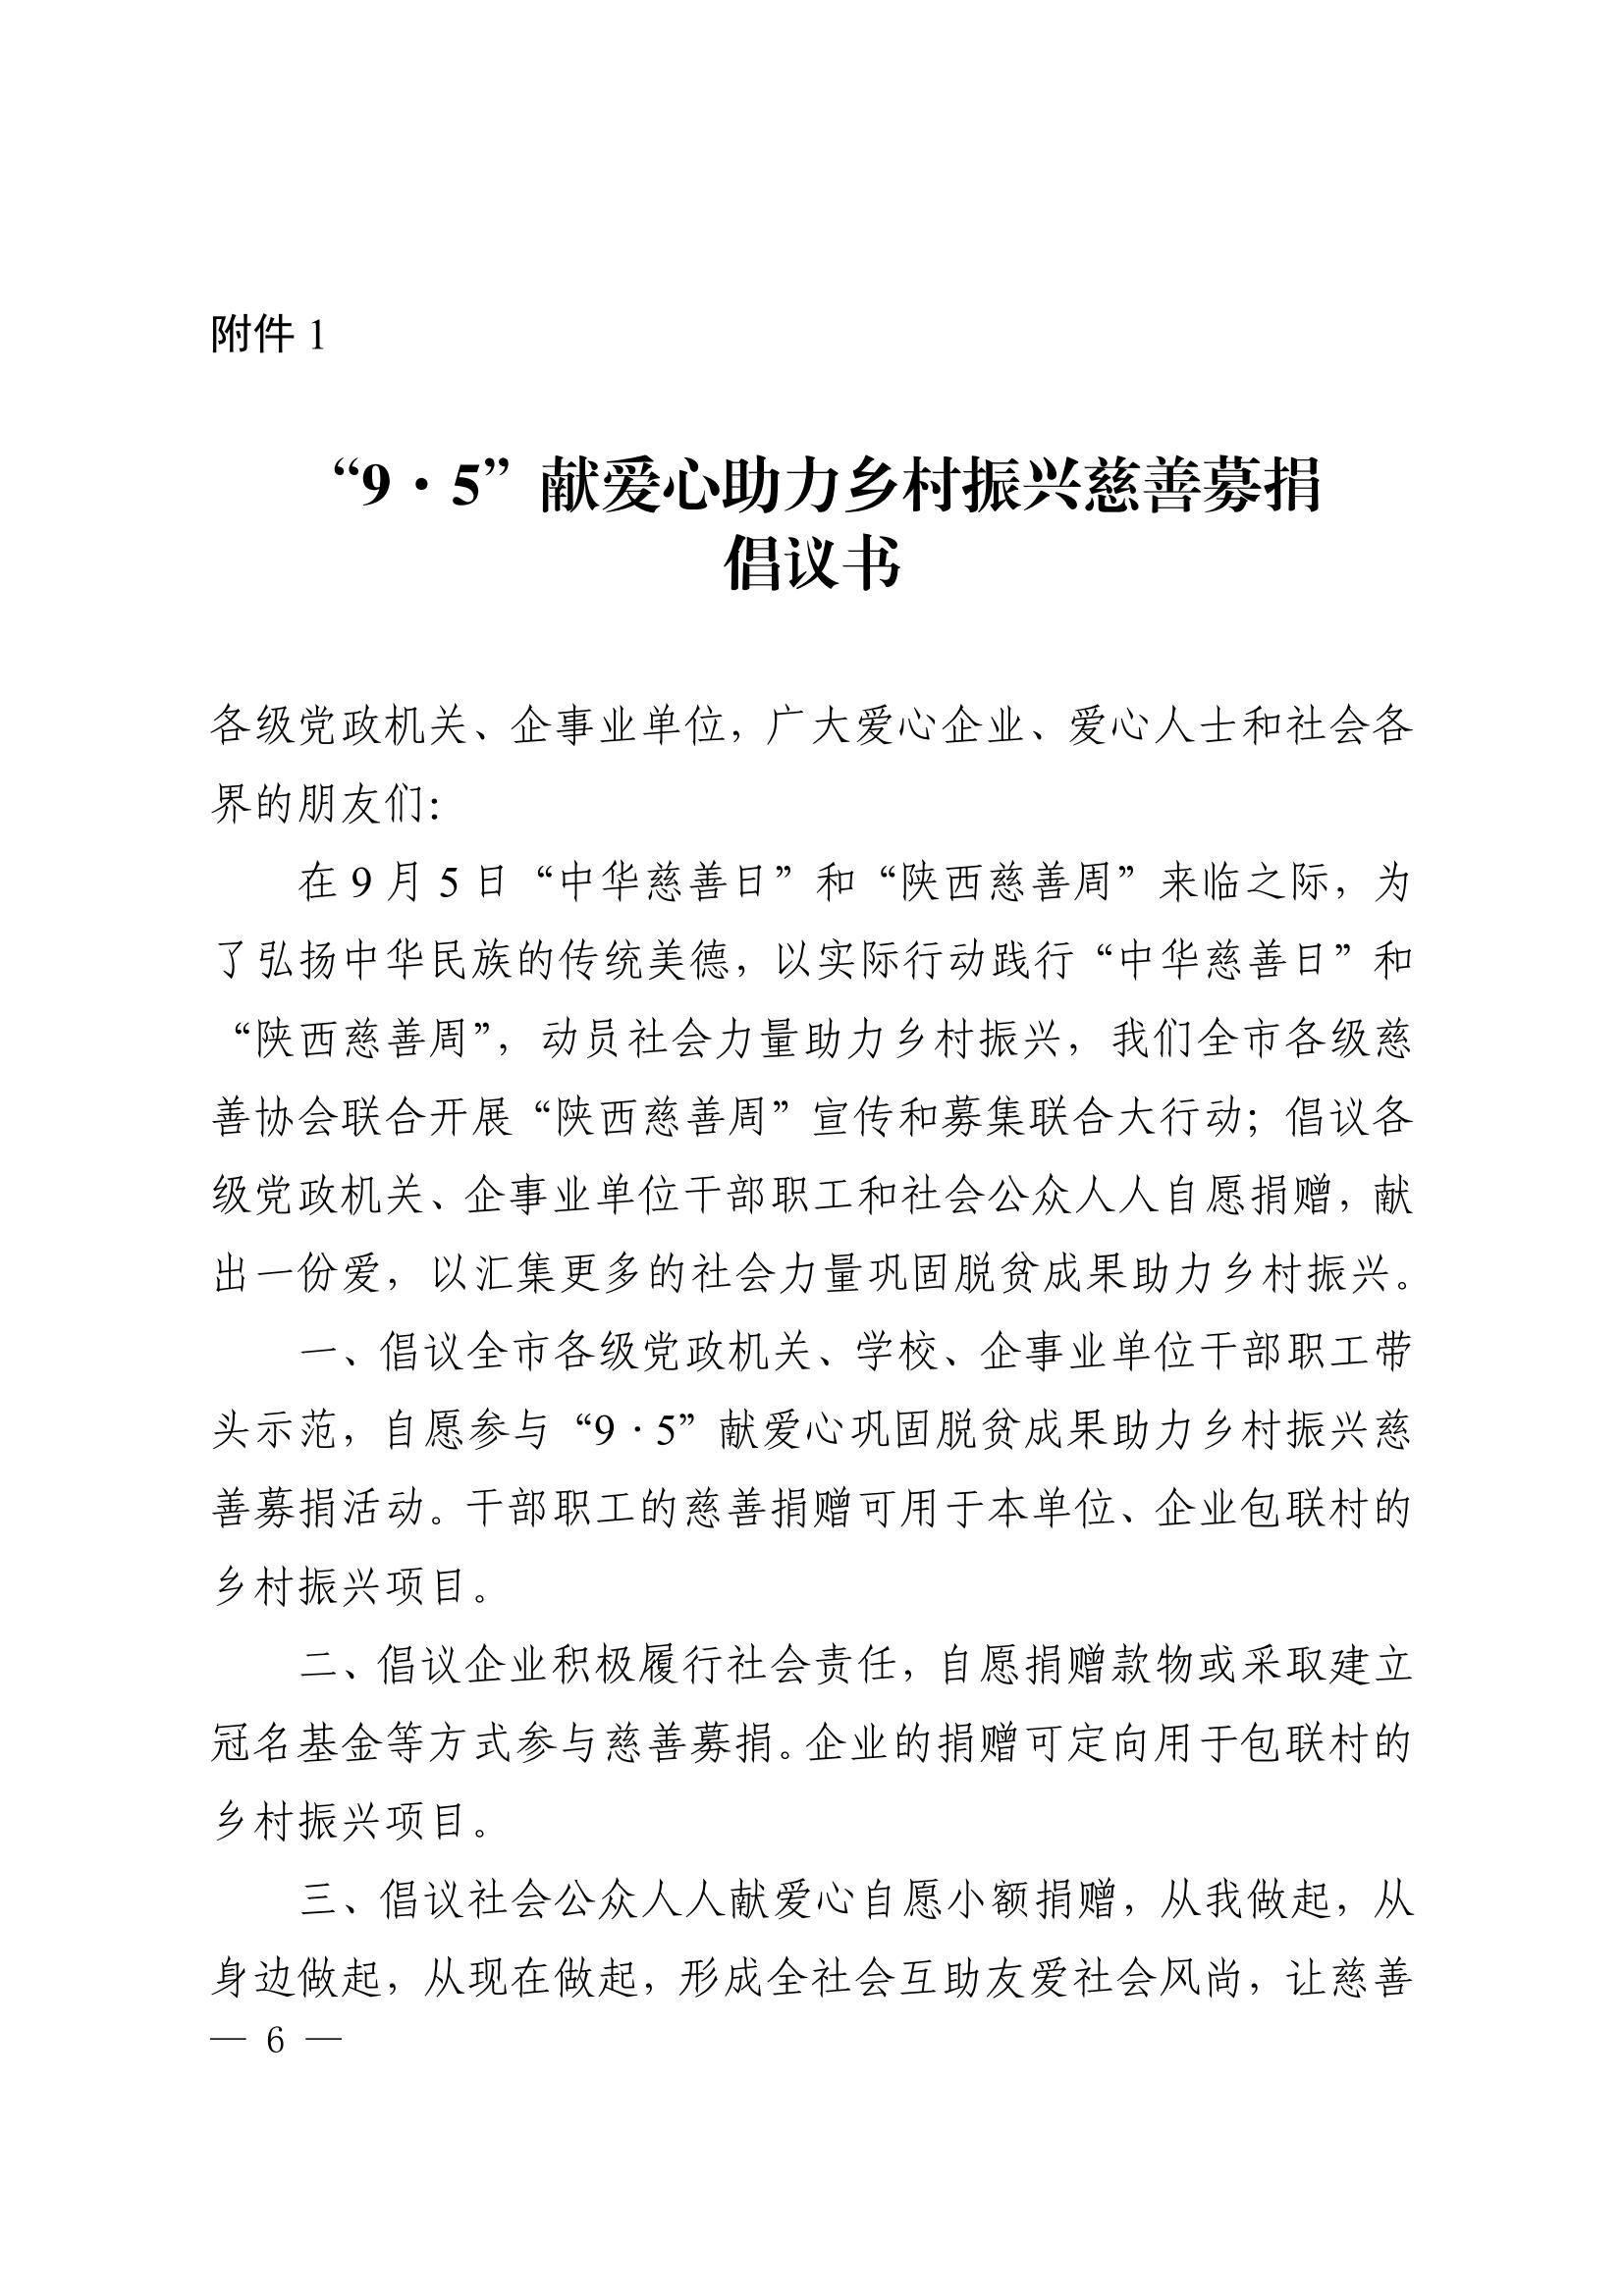 联合发文〔2021〕号-市直9·5献爱心慈善募捐(2)_05.jpg